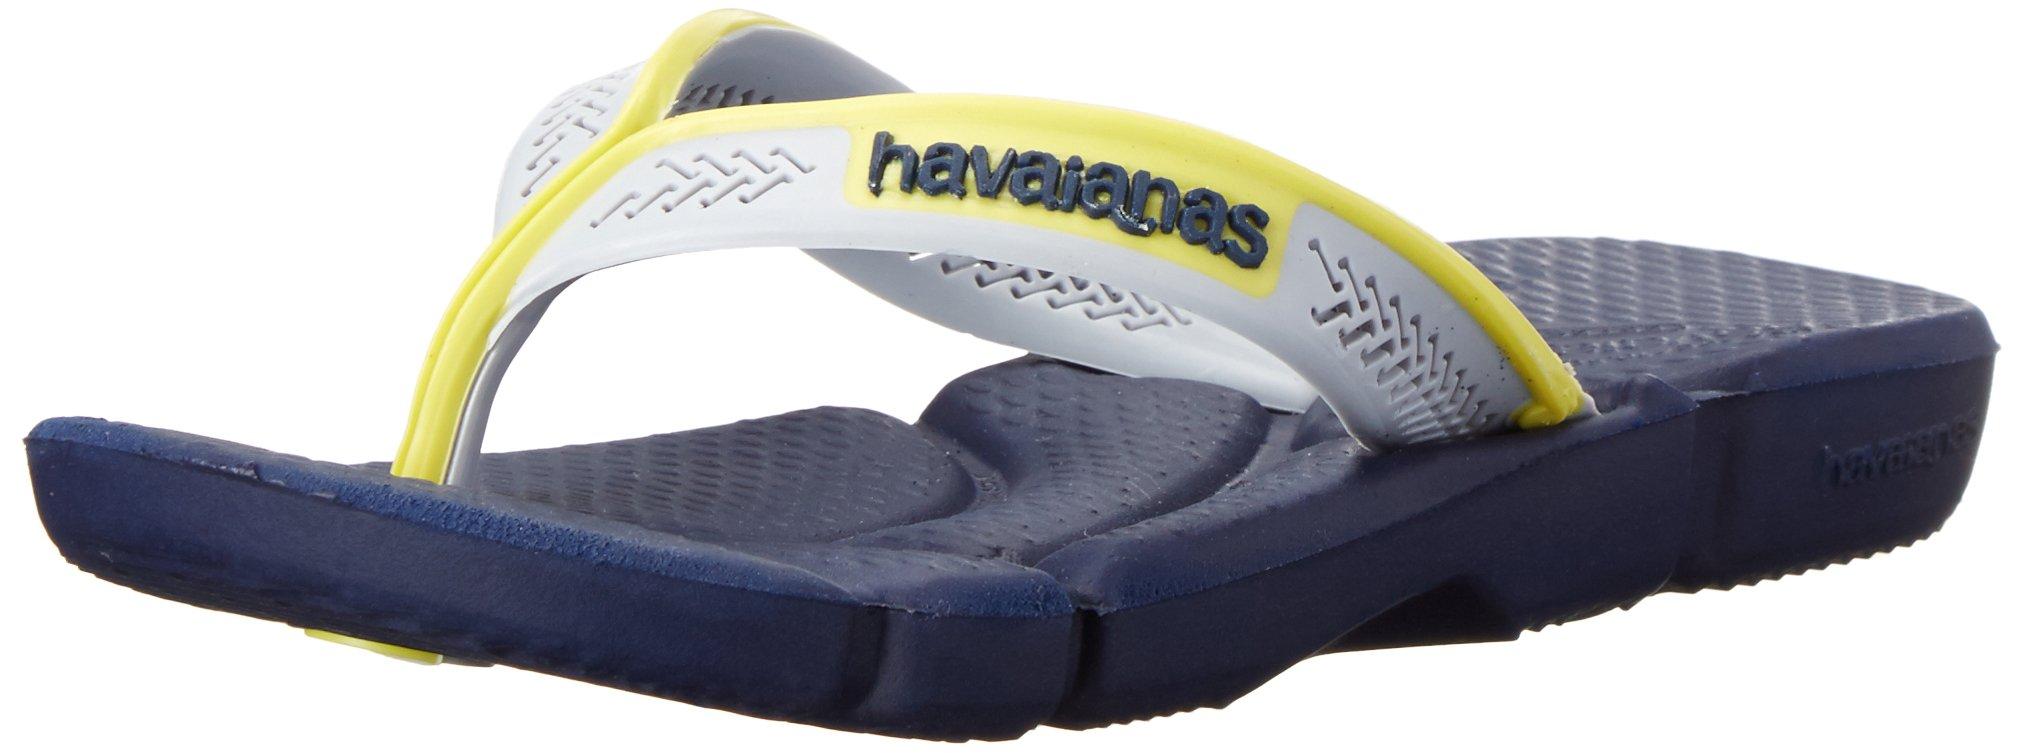 Havaianas Kids Flip Flop Sandals, Power, White/Blue/Grey, Navy Blue/Navy Blue,27/28 BR (11-12 M US Little Kid)